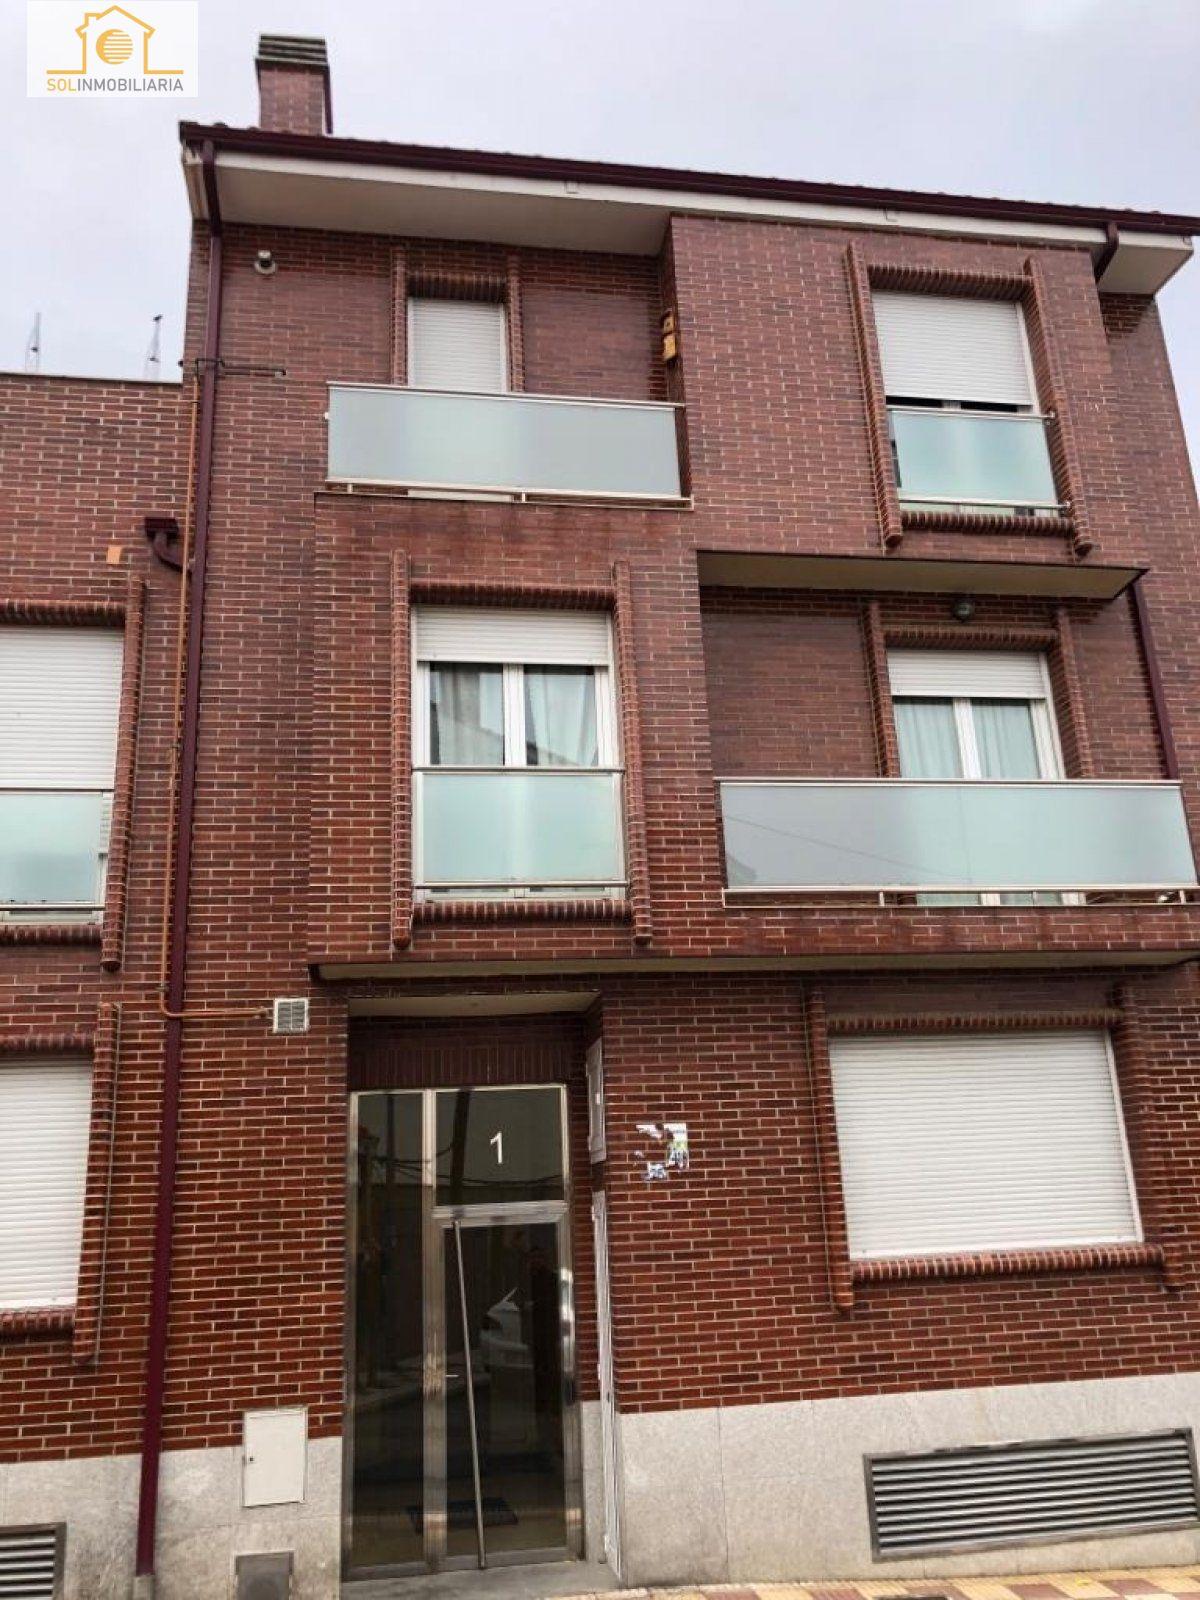 Apartamento, Navatejera, Venta - León (León)